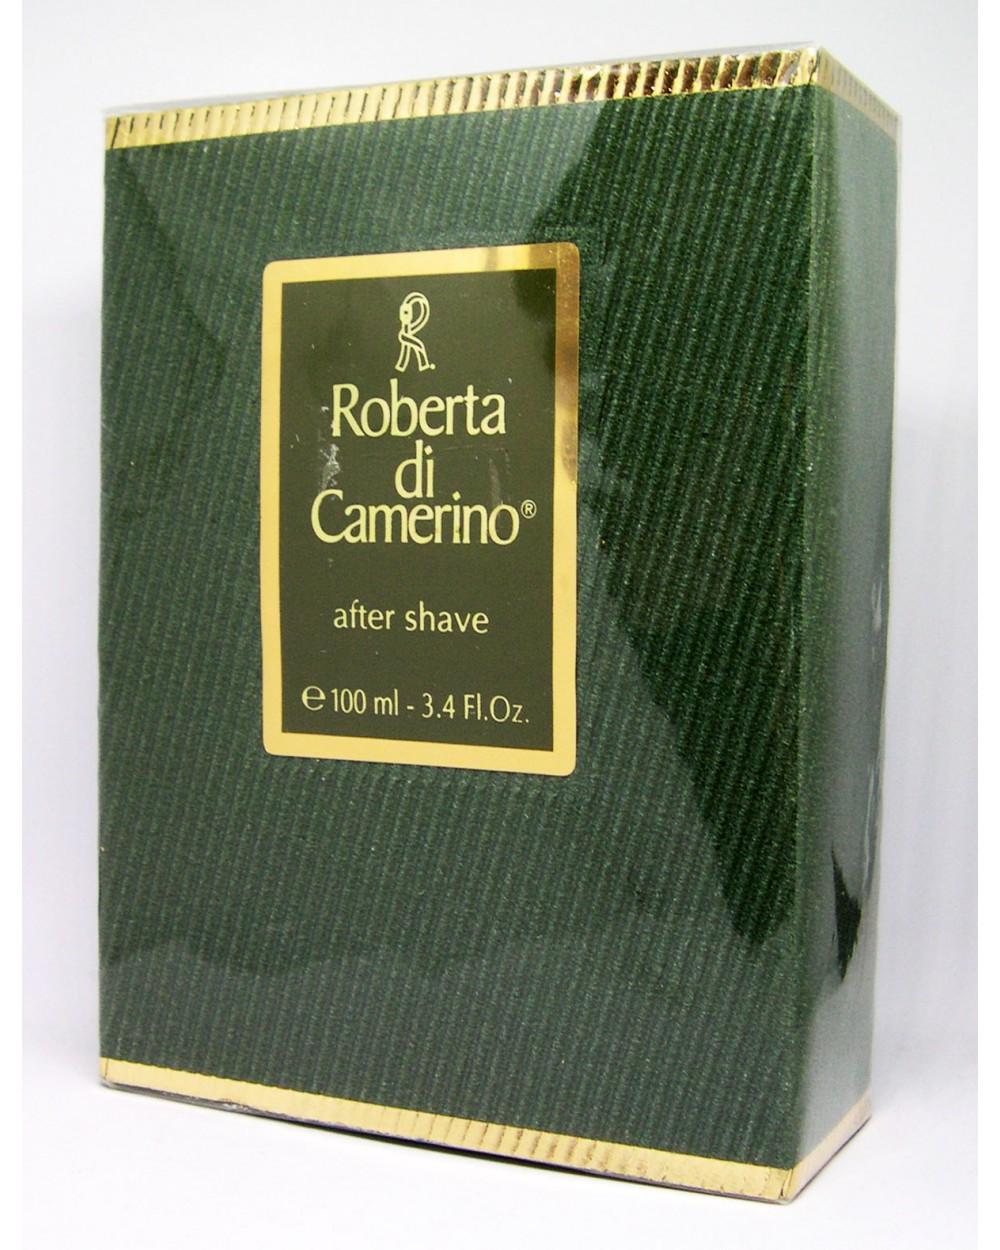 Roberta di Camerino R After Shave 100ml